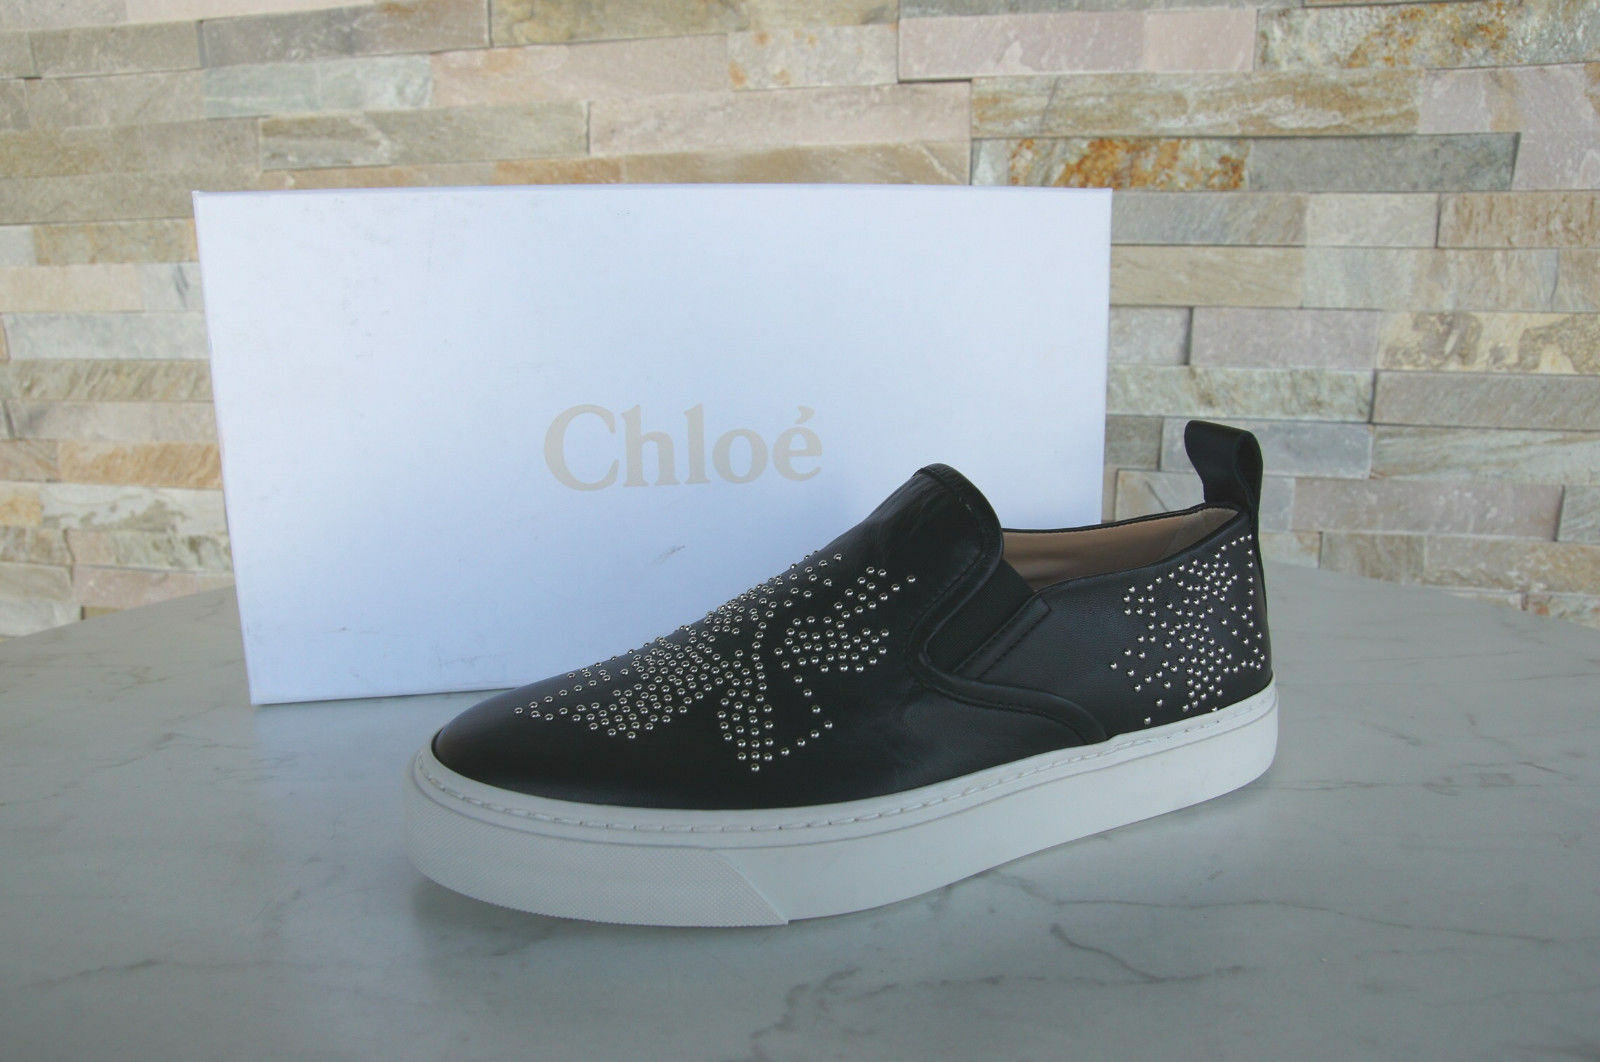 ORIG Chloé Chloe talla 37 slip on mocasines zapatos casual casual casual zapatillas negro nuevo ex PVP